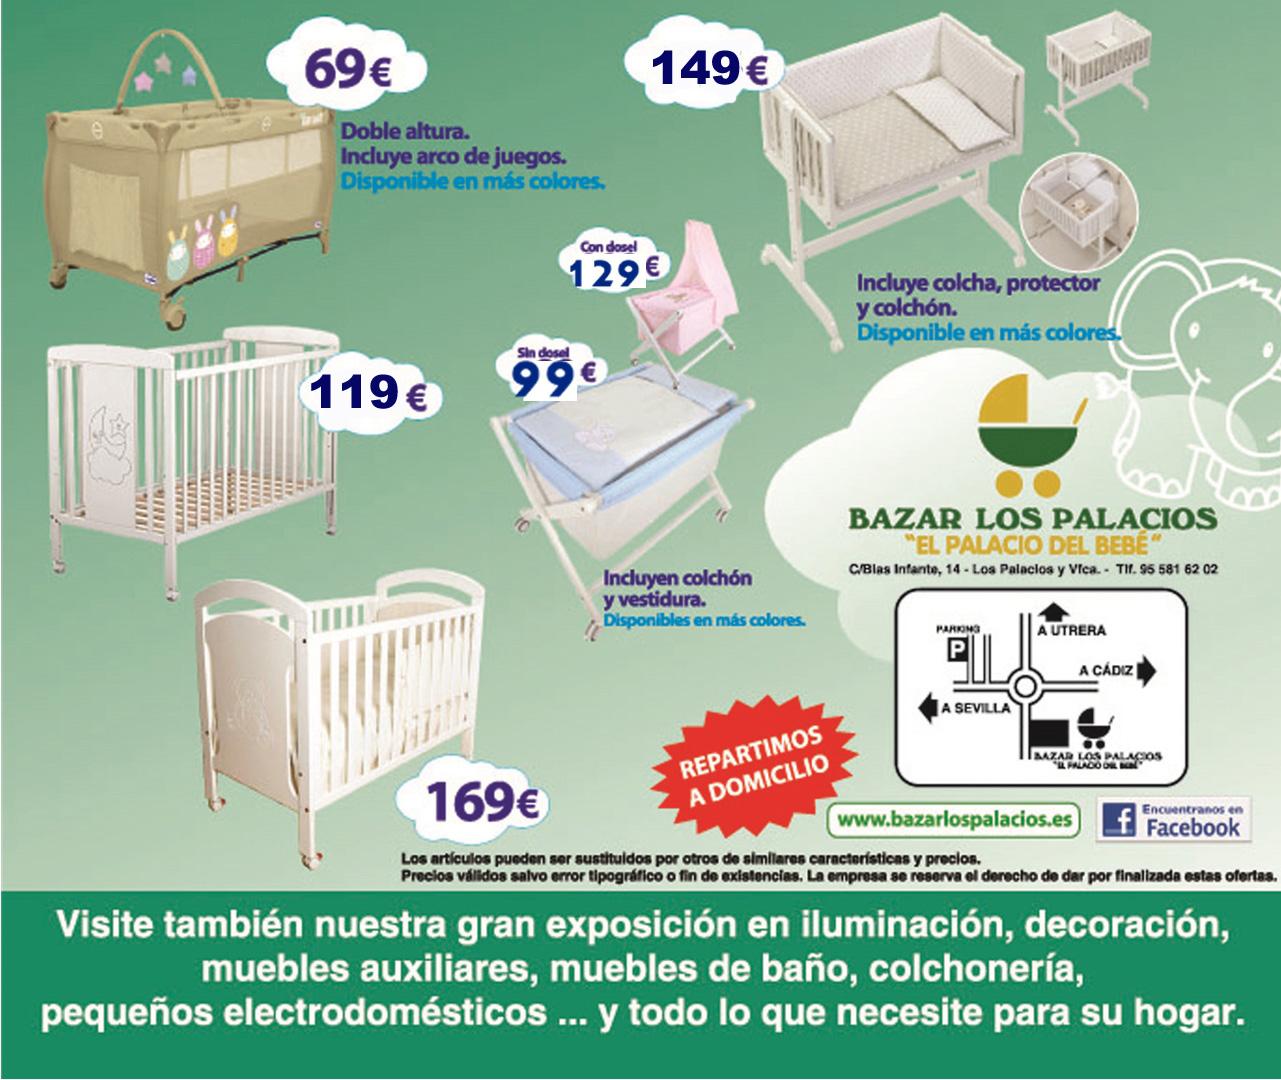 Bazar los palacios el palacio del beb el palacio del beb - El palacio del bebe ...